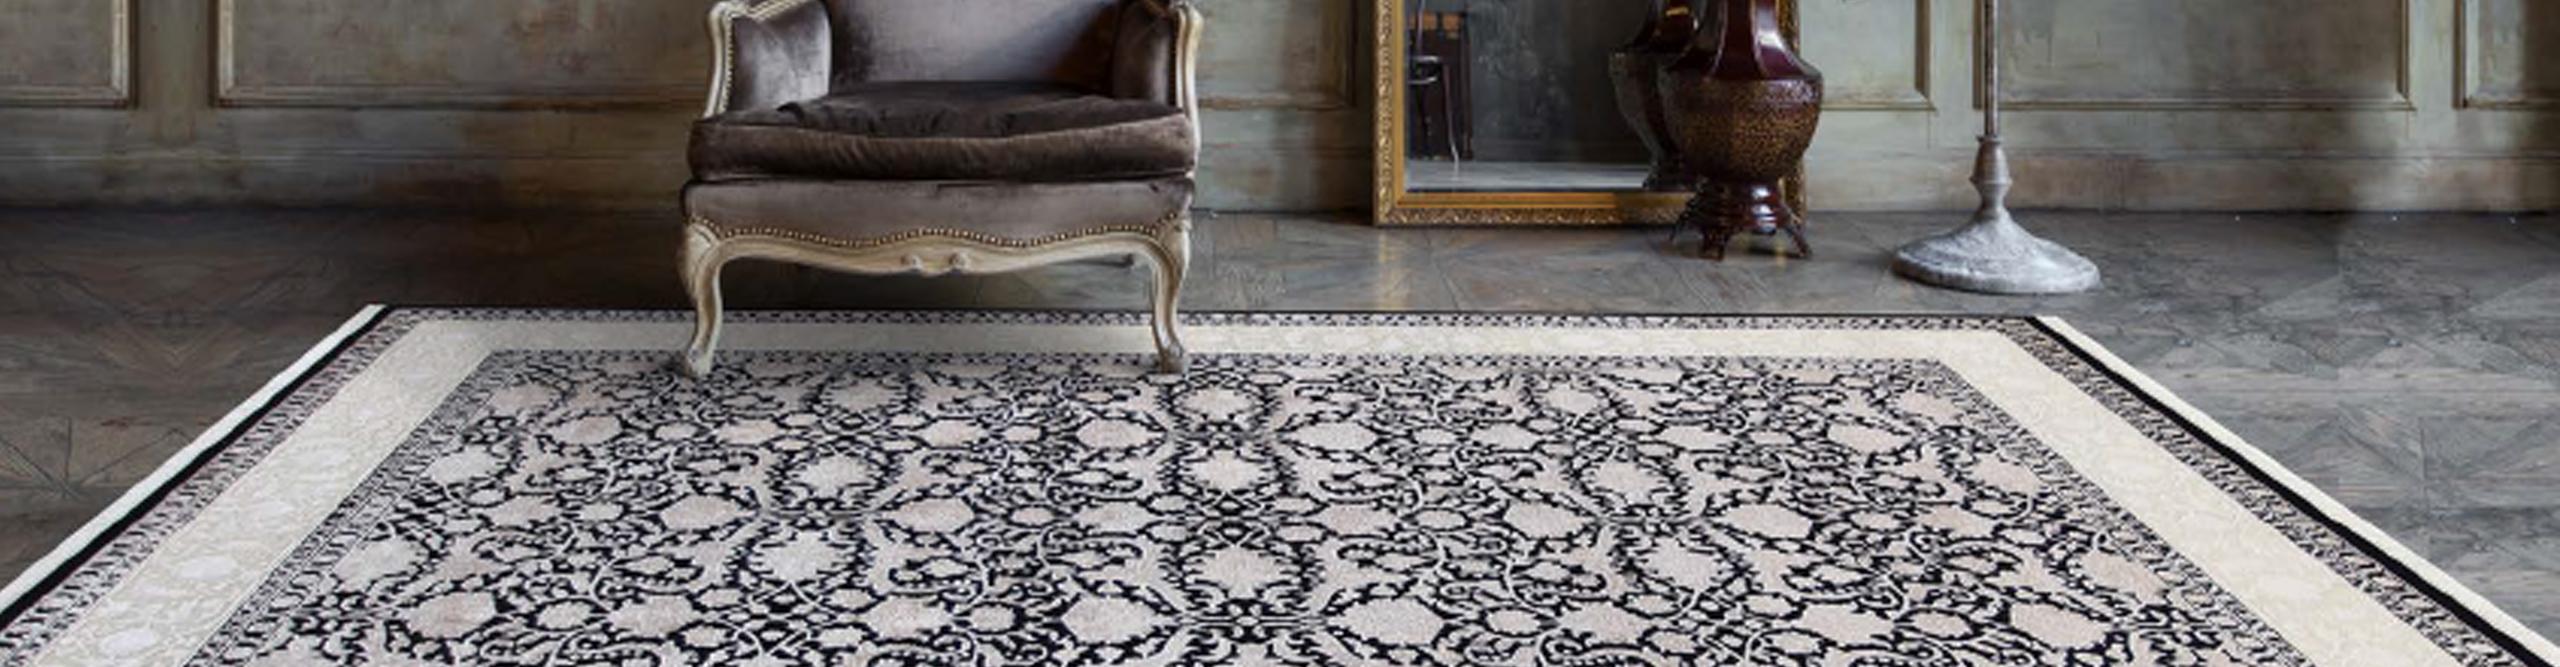 Galerie Rumi | Teppich schwarz